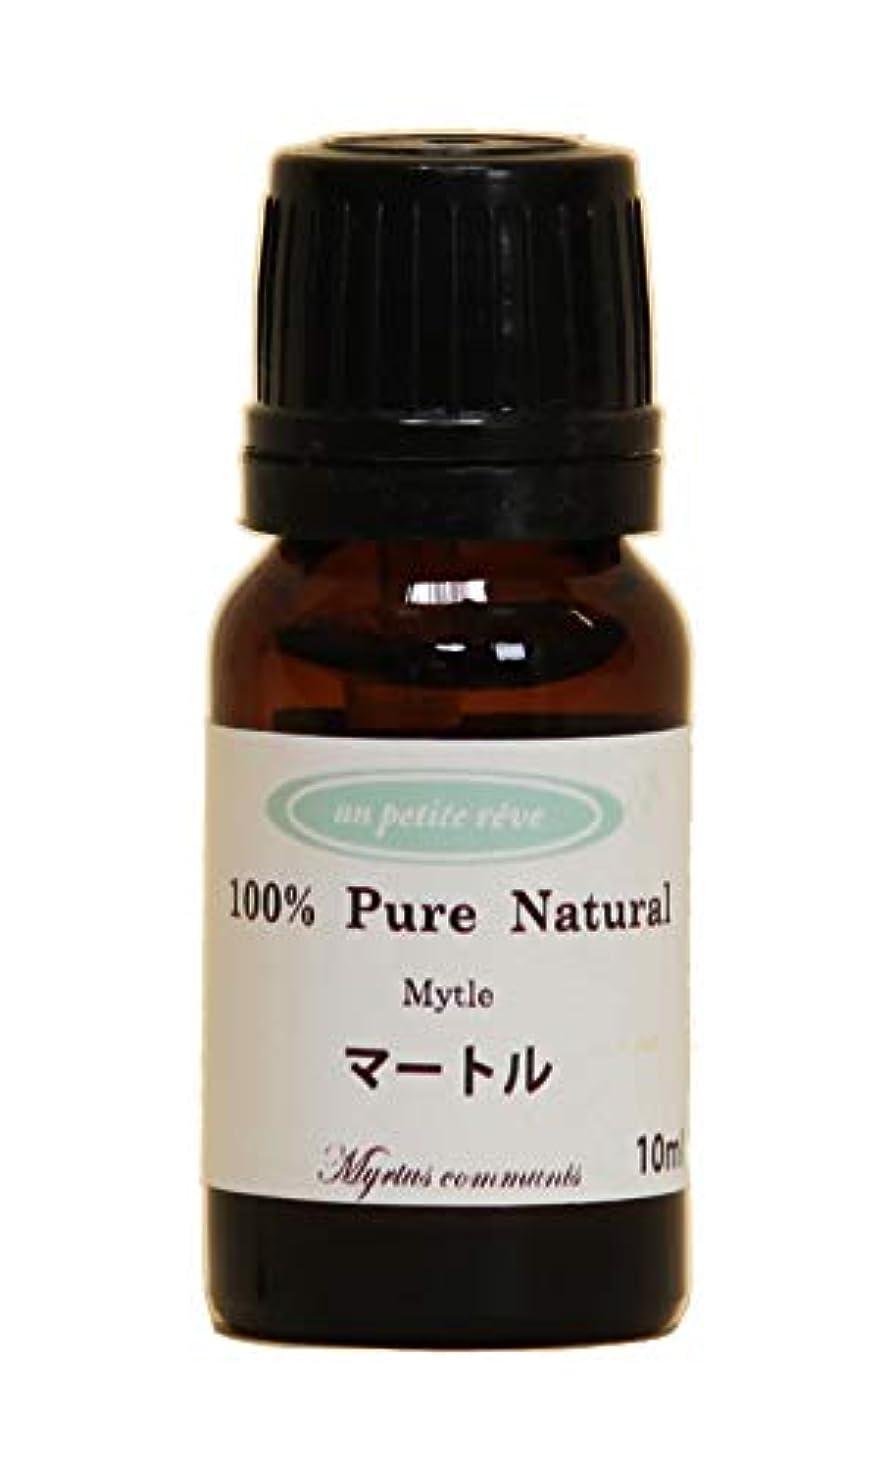 いつも代表して残るマートル10ml 100%天然アロマエッセンシャルオイル(精油)